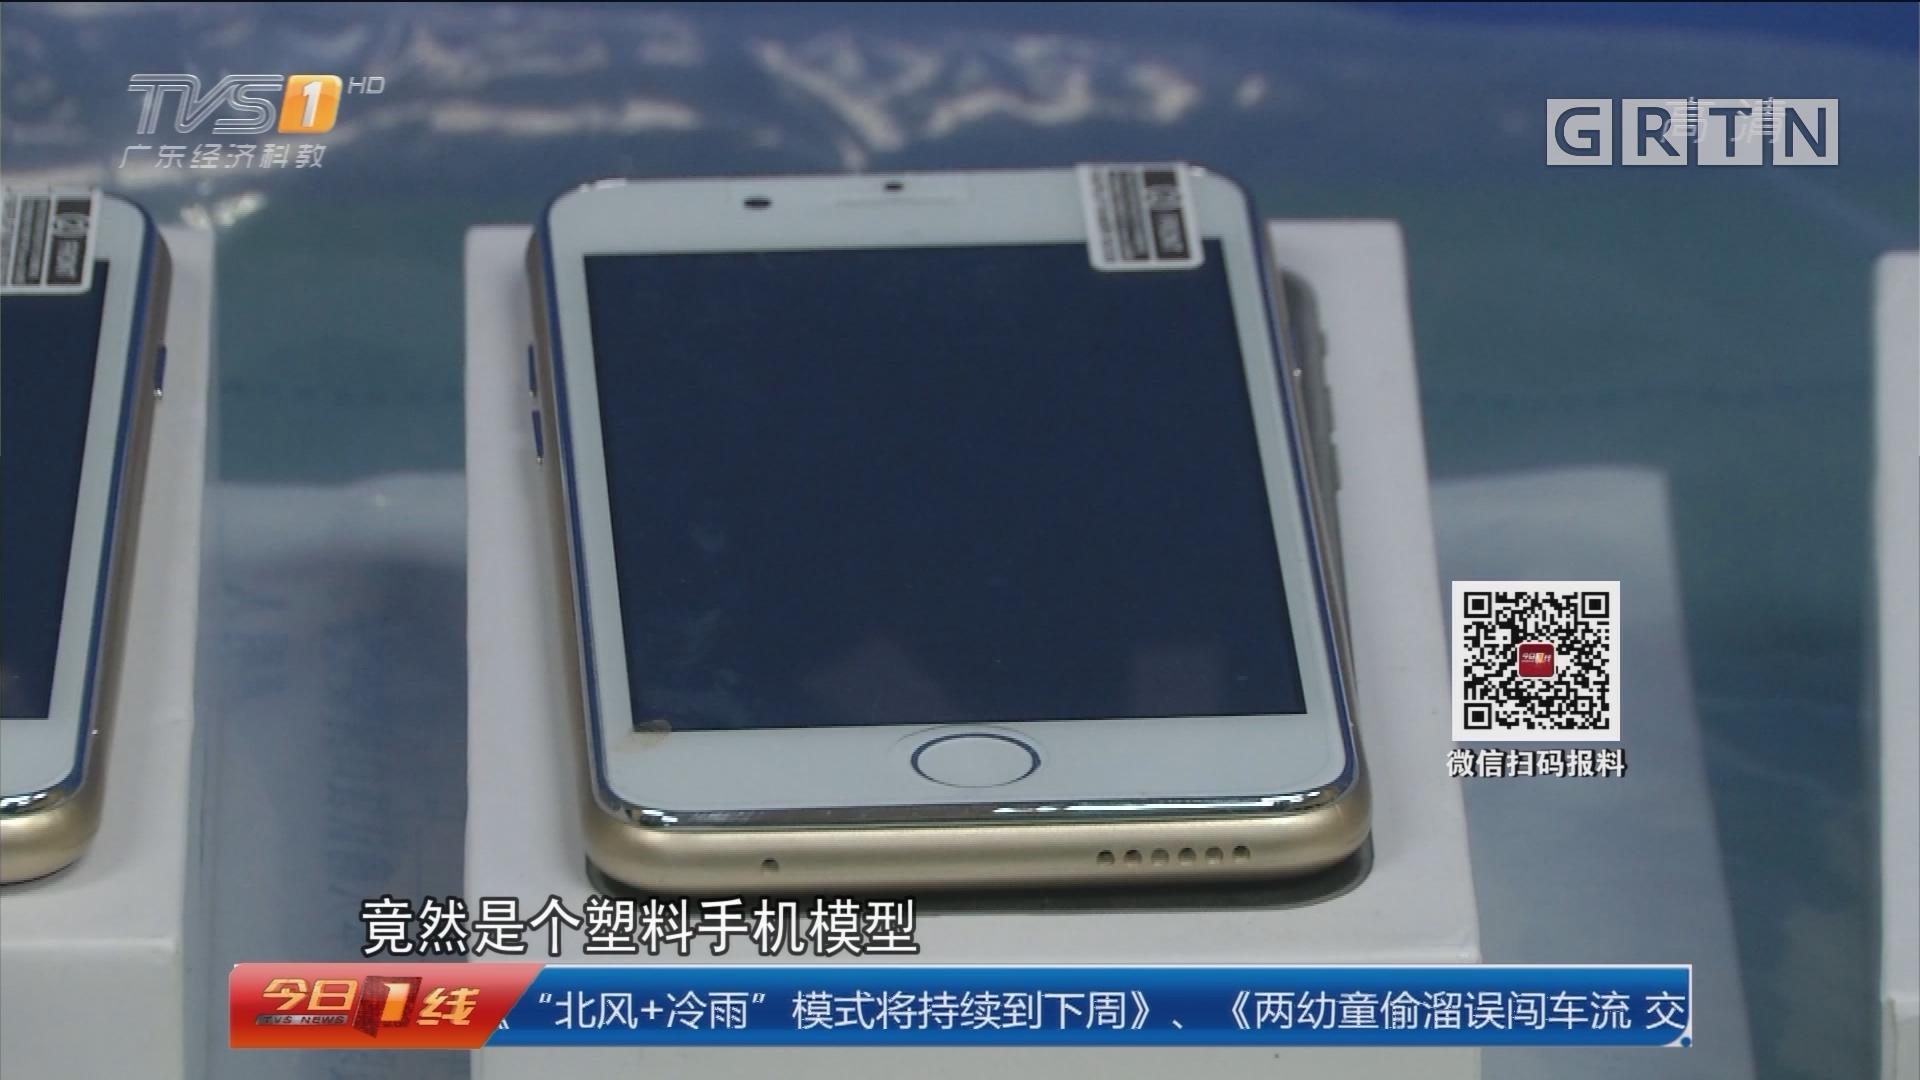 广州:网上抢购iphone7只需1870?骗局!